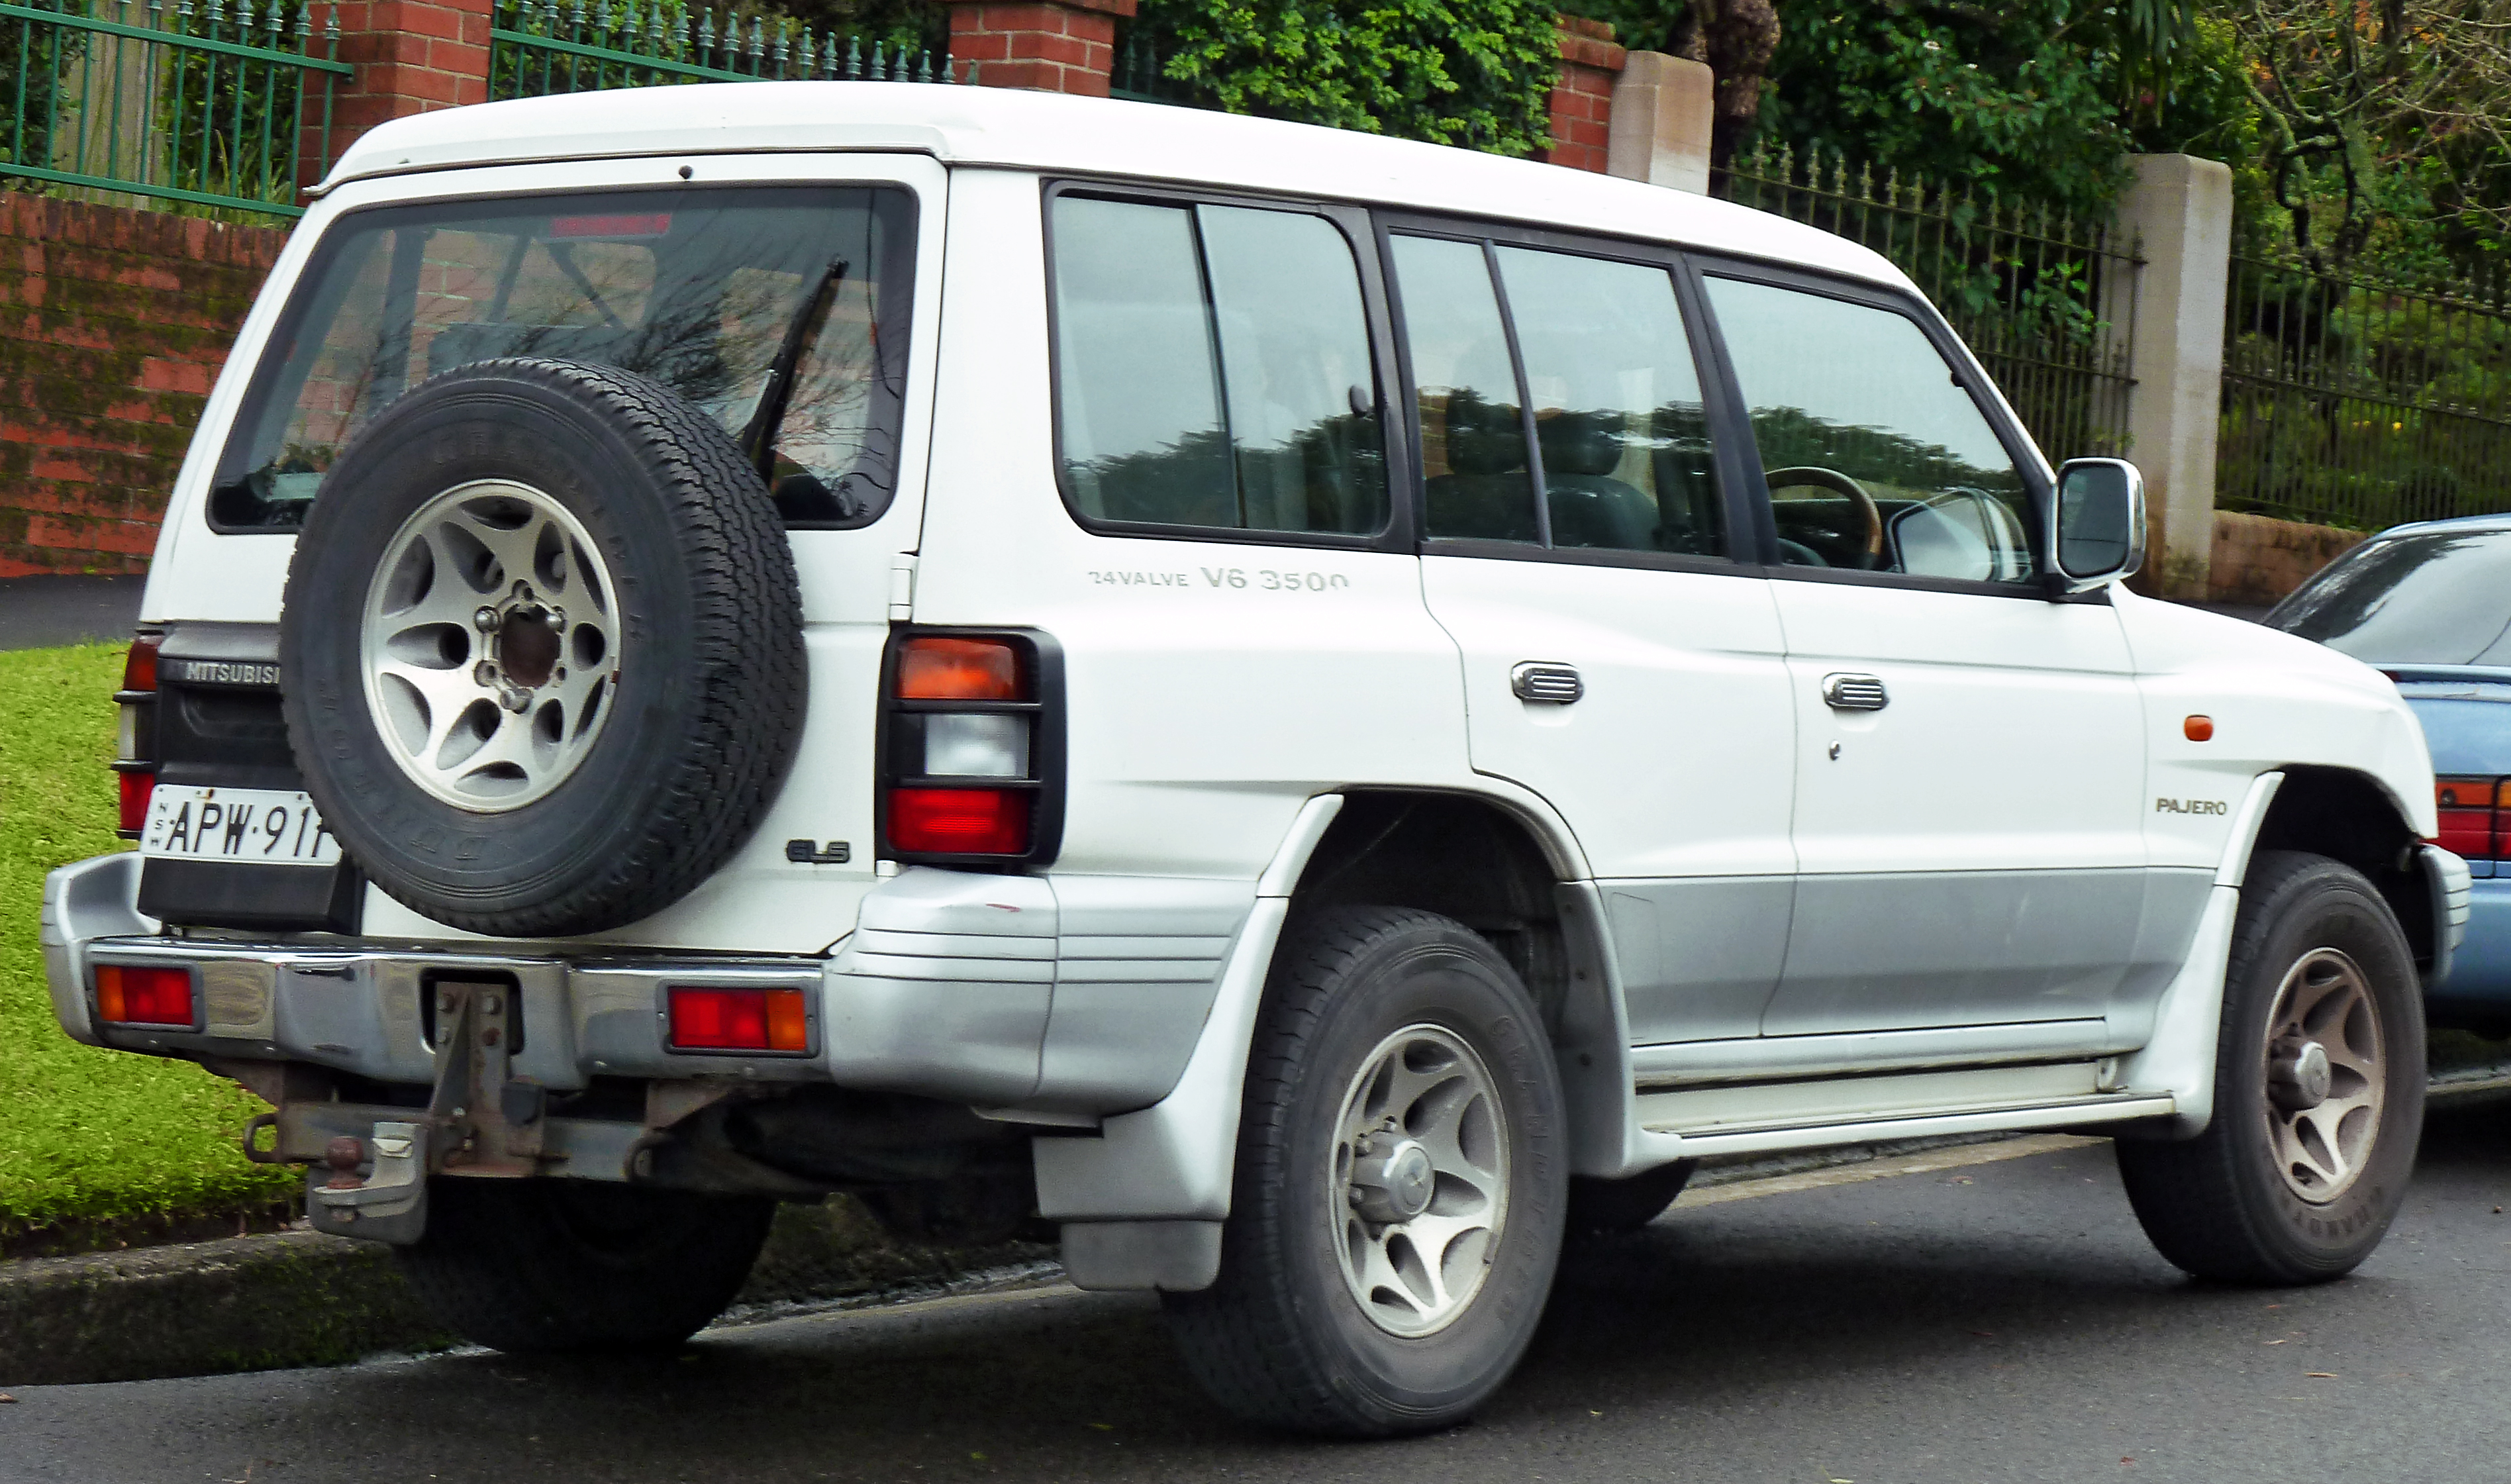 file 1997 mitsubishi pajero nl gls with luxury pack wagon 2011 rh commons wikimedia org Mitsubishi Pajero 1990 1997 mitsubishi montero repair manual